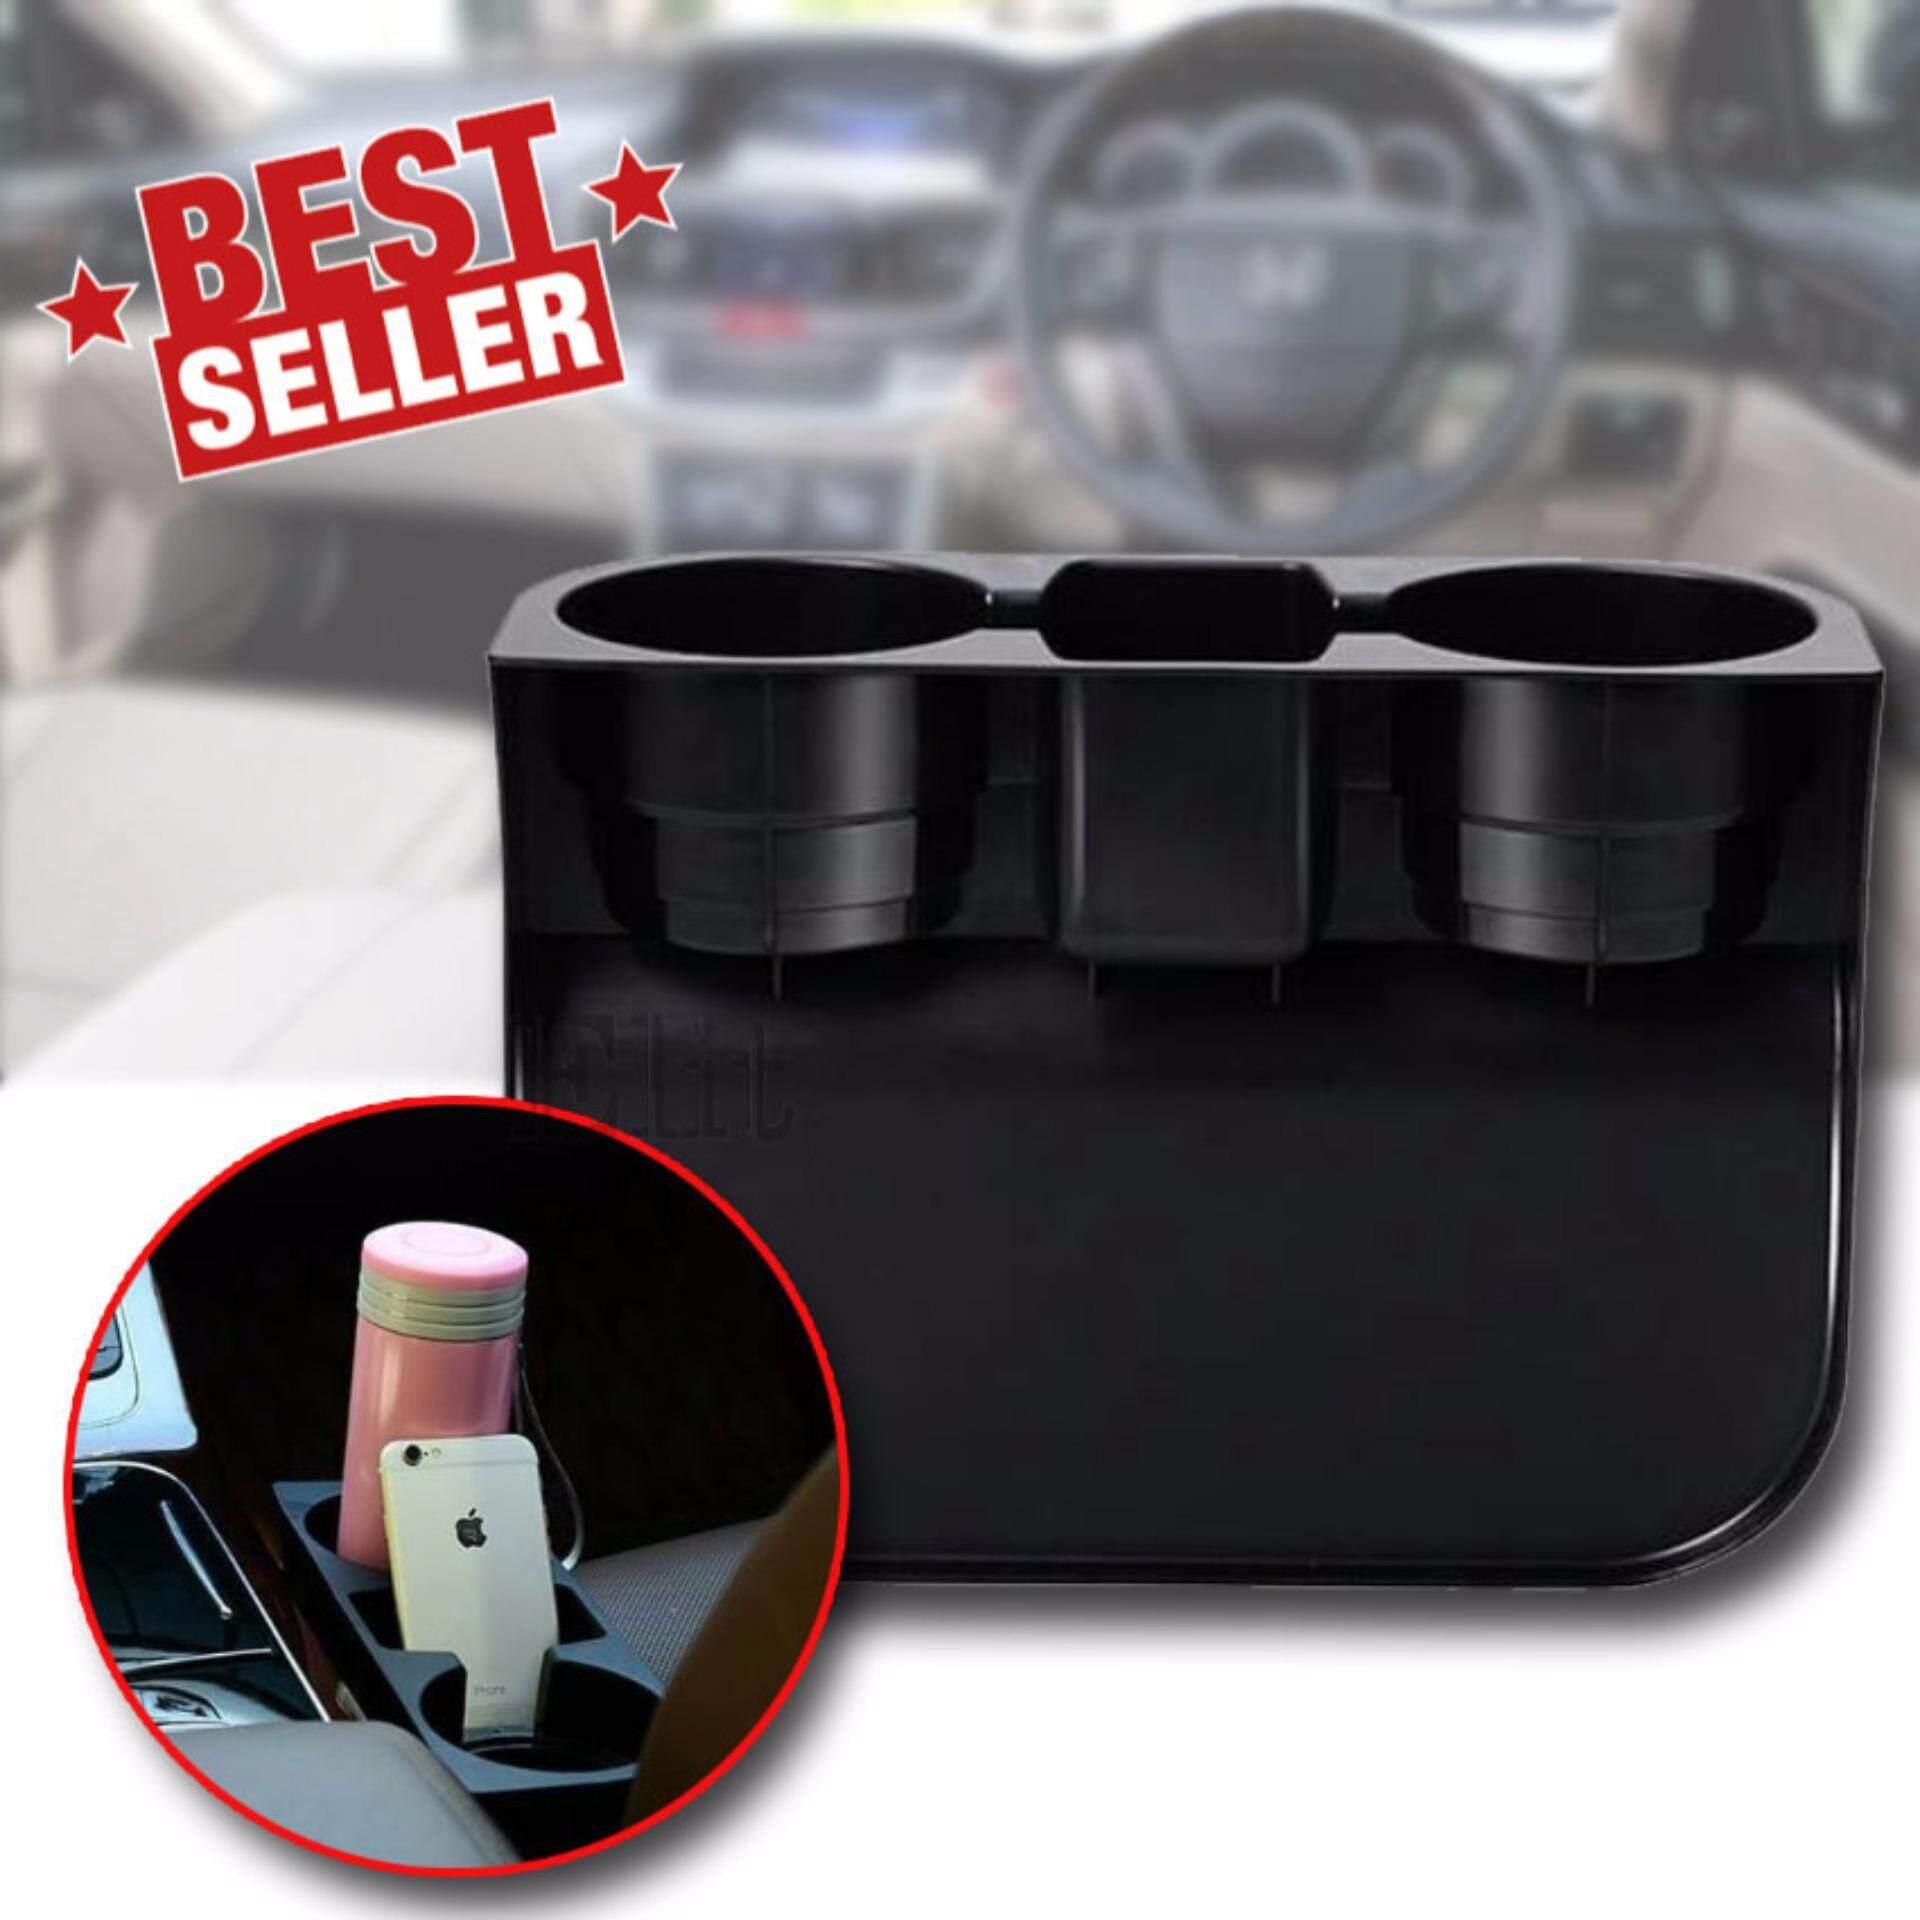 ซื้อ Elit ที่วางแก้ว เสียบข้างเบาะ ที่วางของเอนกประสงค์ในรถยนต์ Car Valet Black รุ่น Cvb204 110 ออนไลน์ ถูก